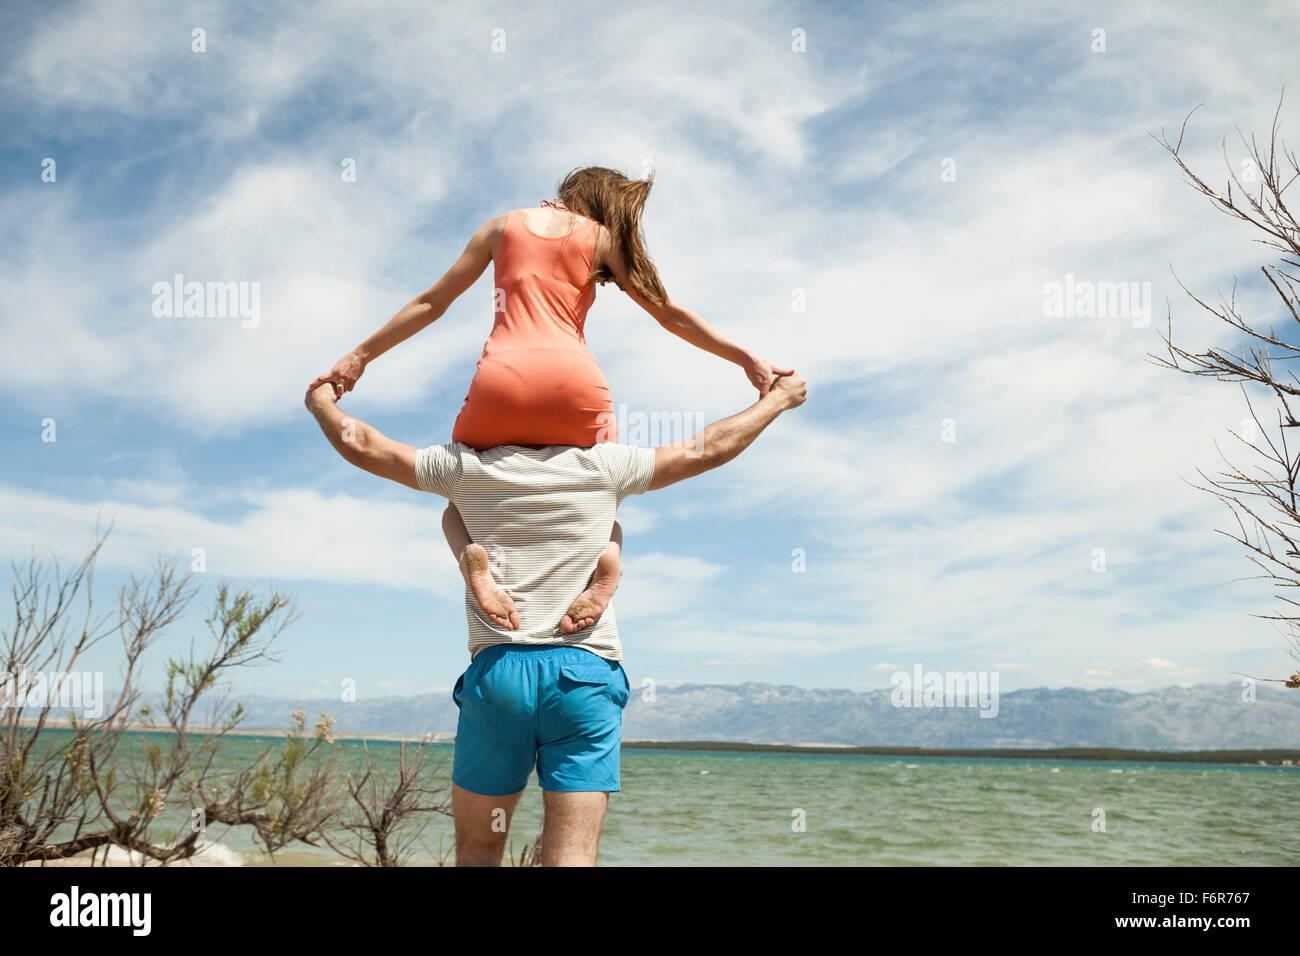 Mujer joven sentada sobre el hombro de su novio Imagen De Stock